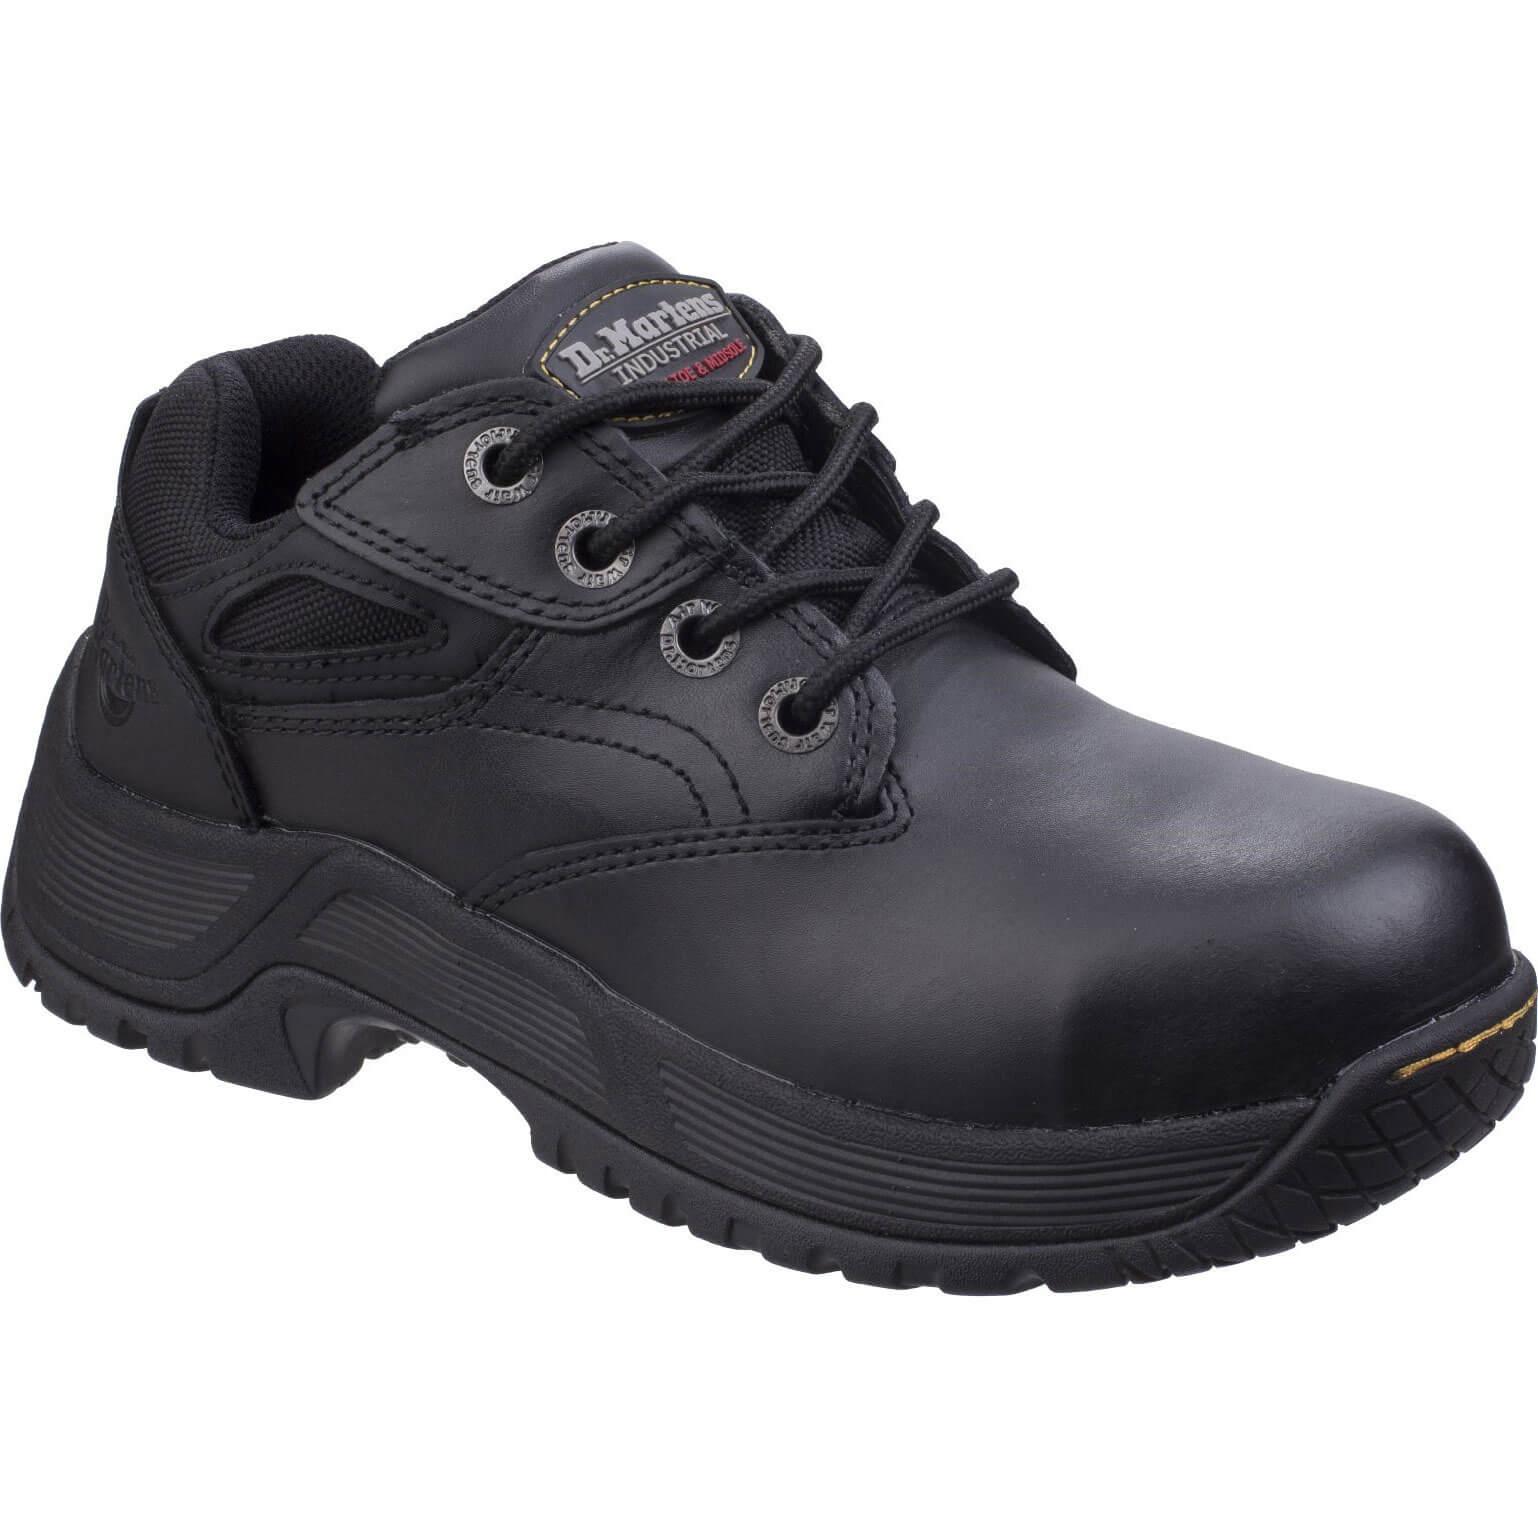 Image of Dr Martens Calvert Safety Shoe Black Size 10